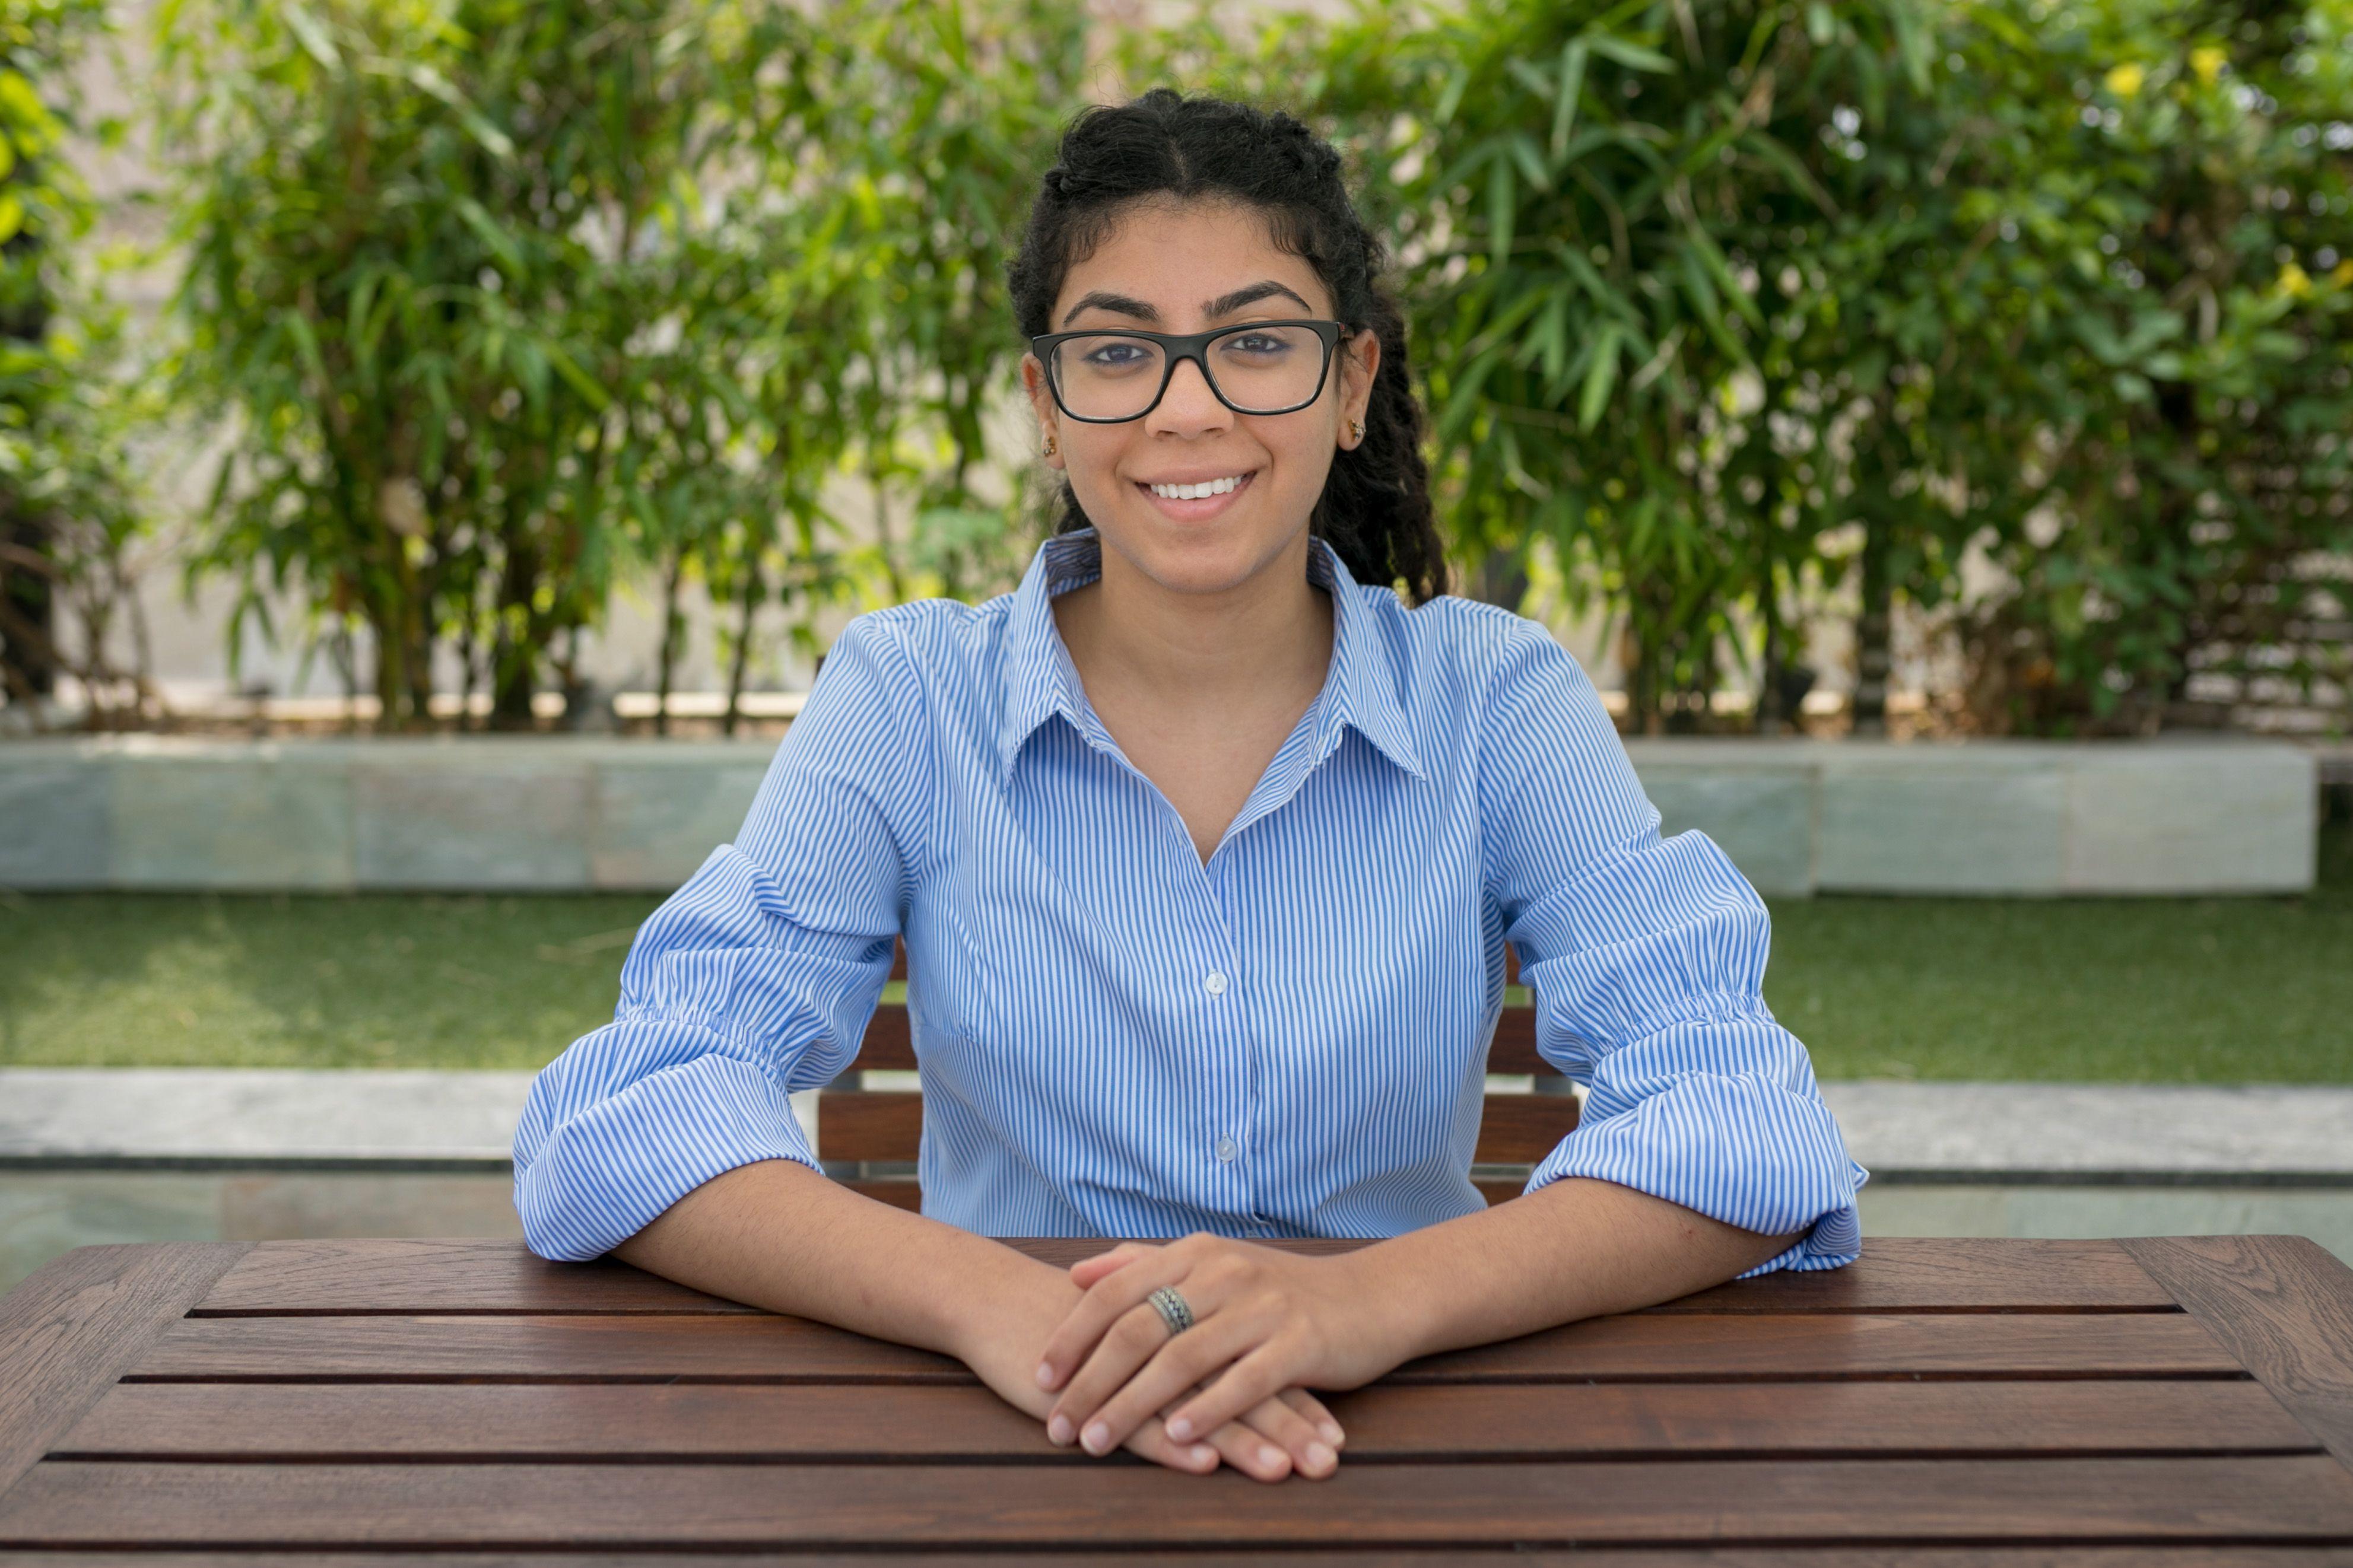 A photo of Kavya Tandon